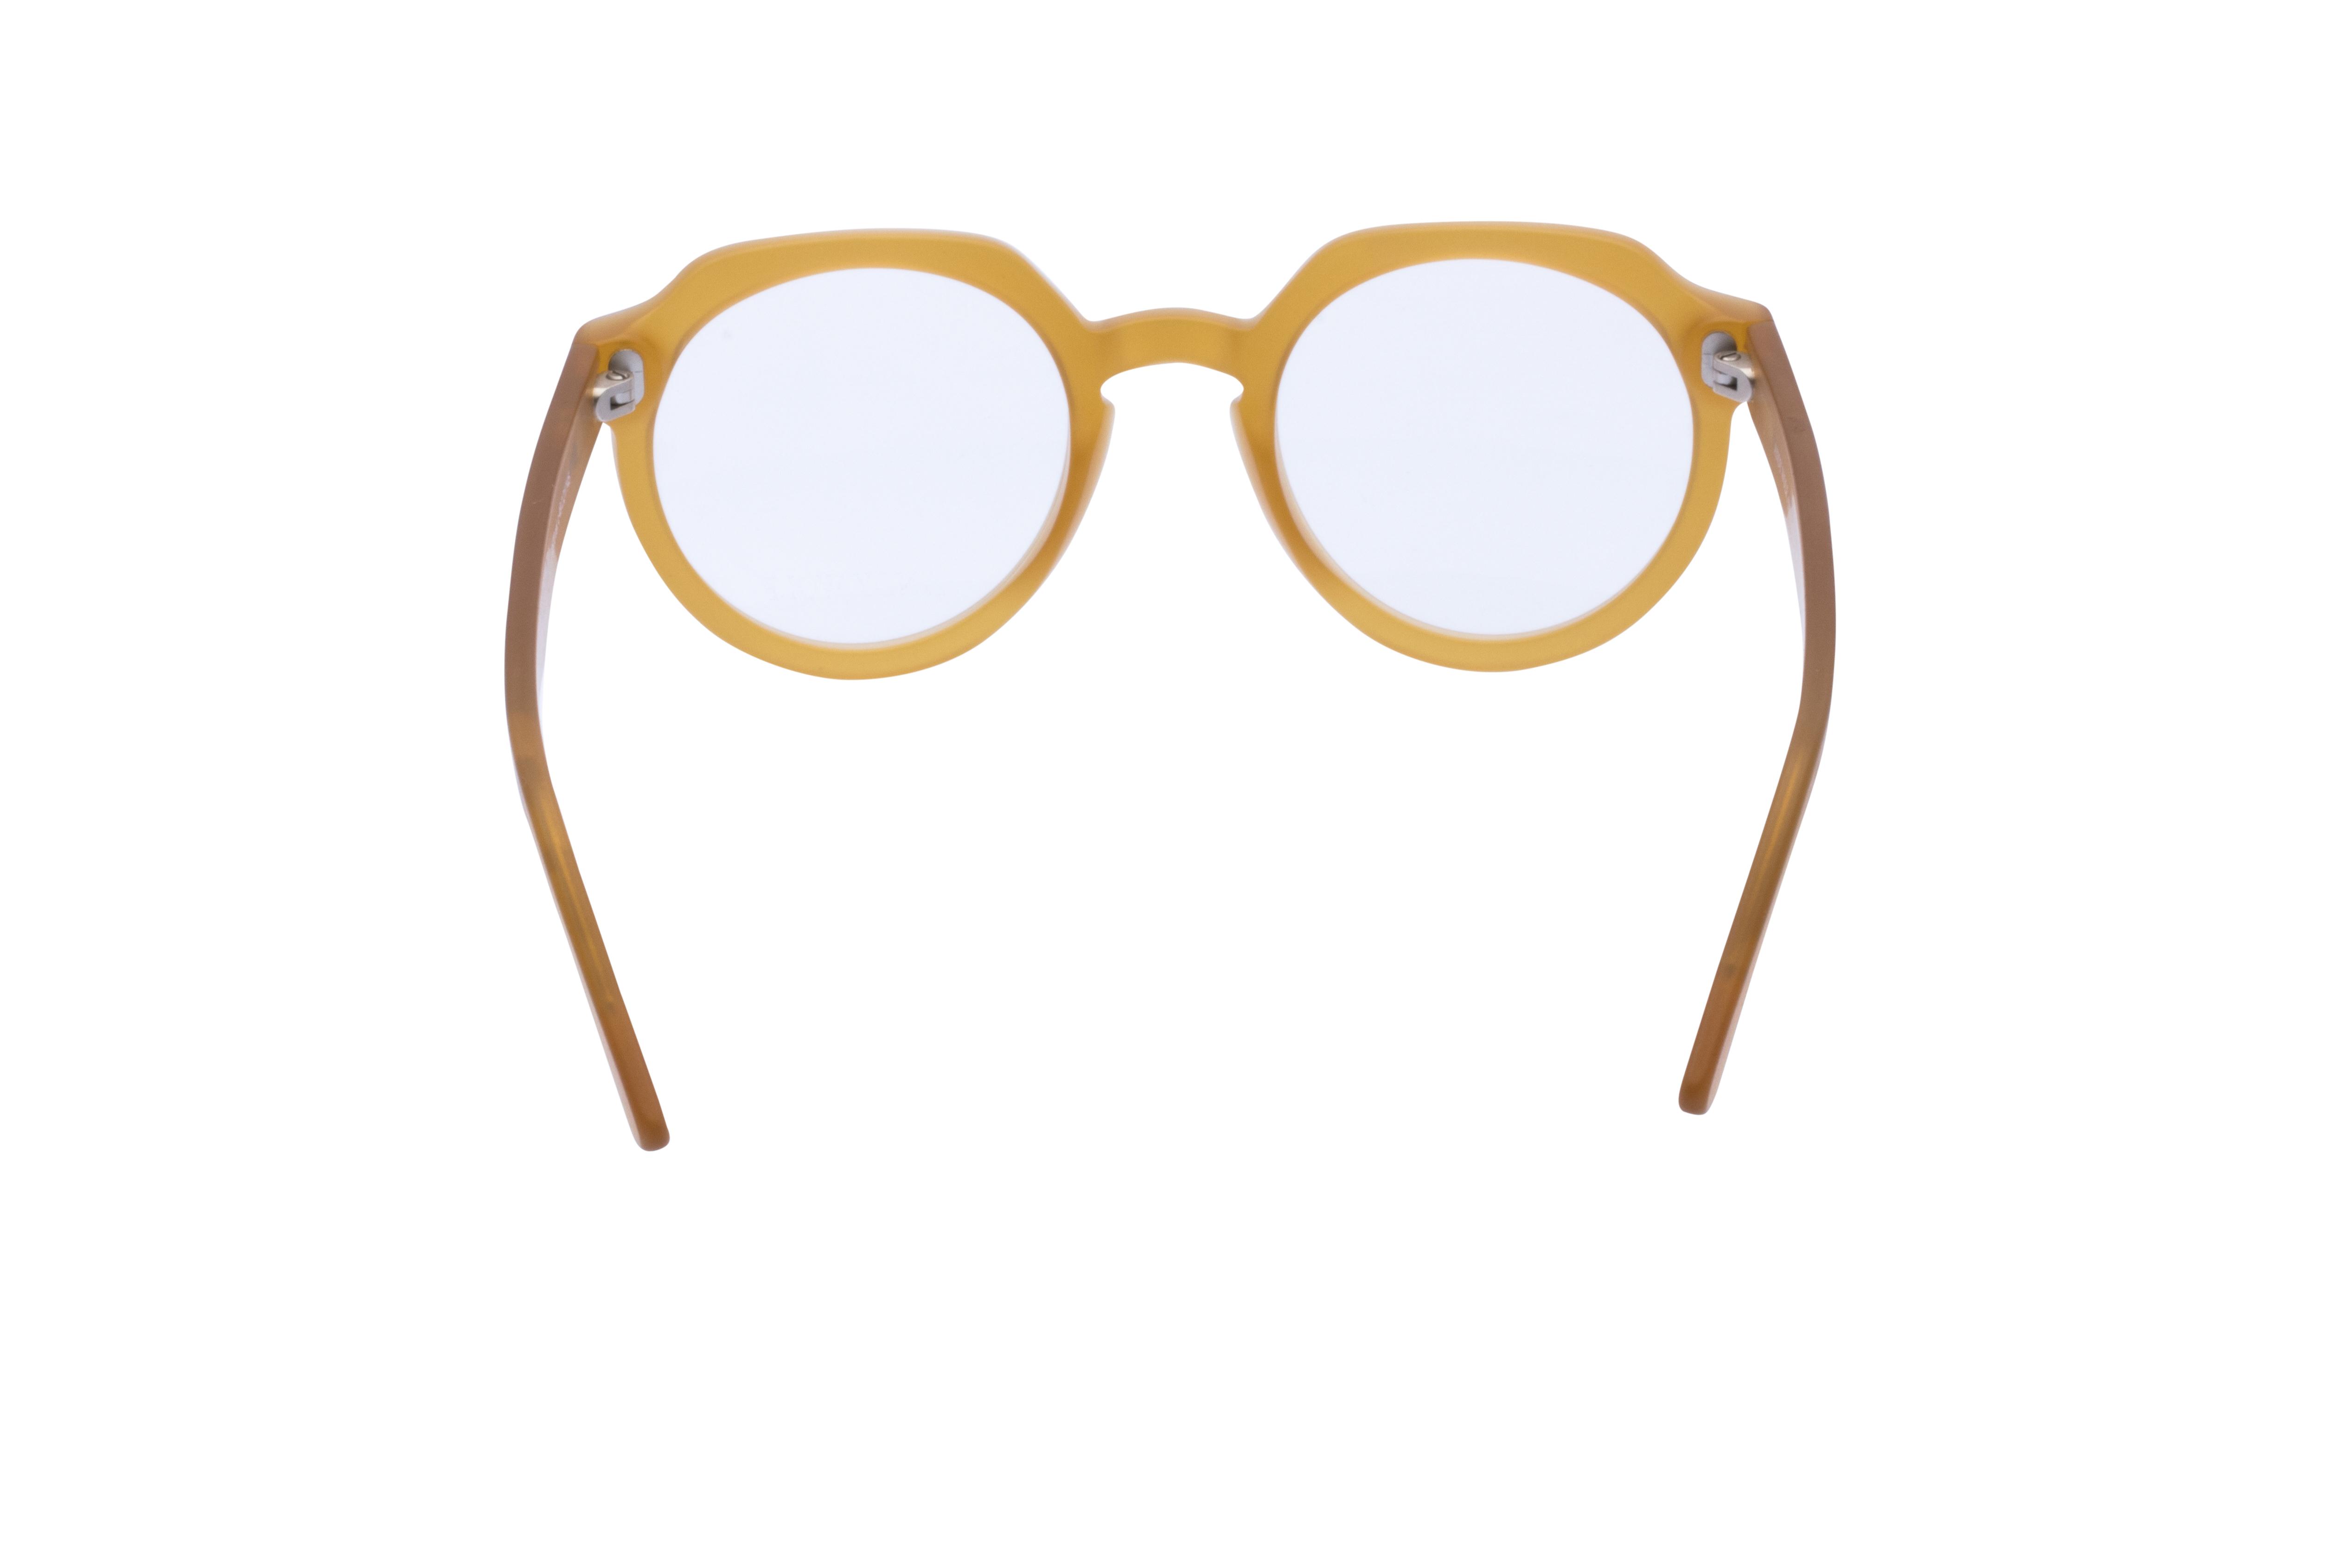 360 Grad Ansicht 12 Andy Wolf 4570, Brille auf Weiß - Fassung bei KUNK